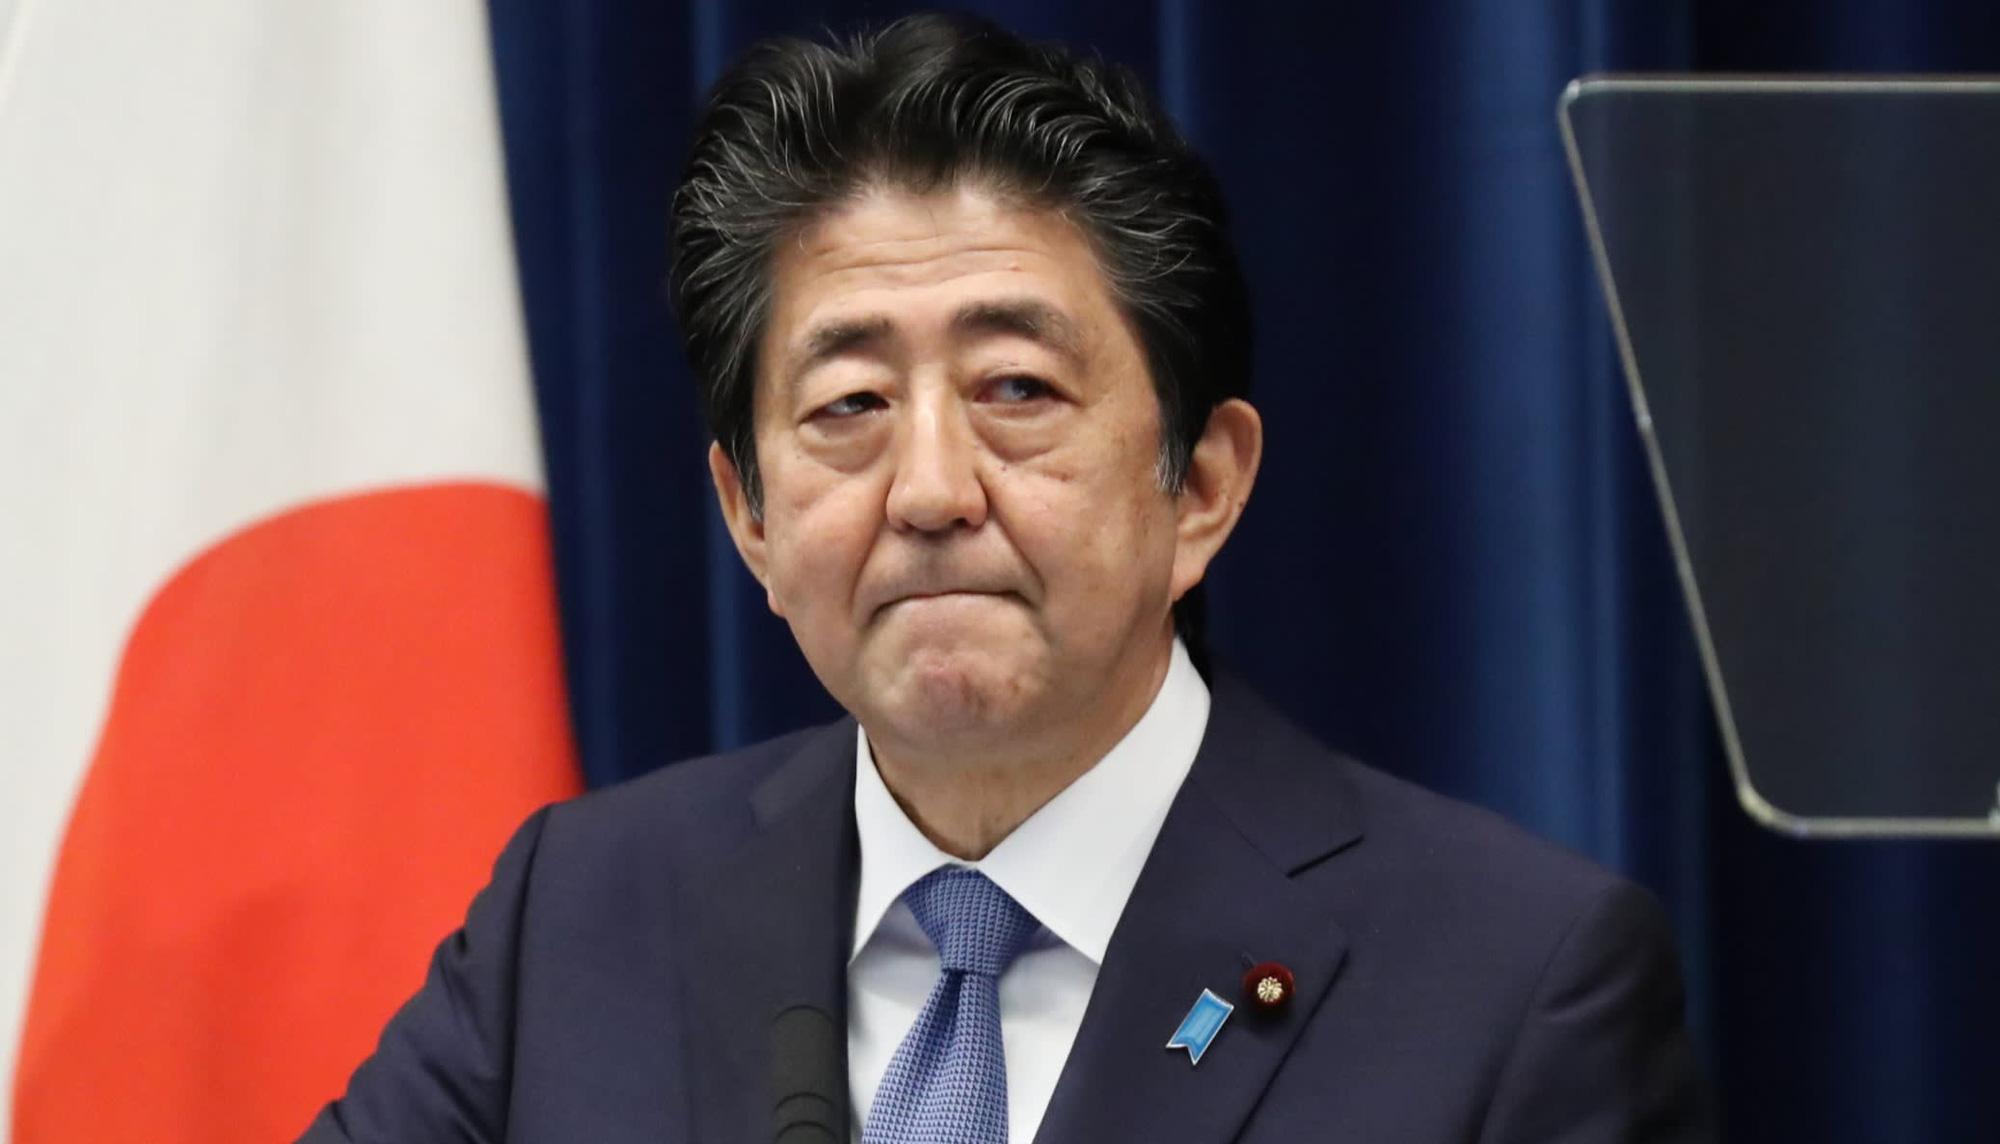 Thủ tướng Nhật Bản Abe tuyên bố từ chức    - Ảnh 1.